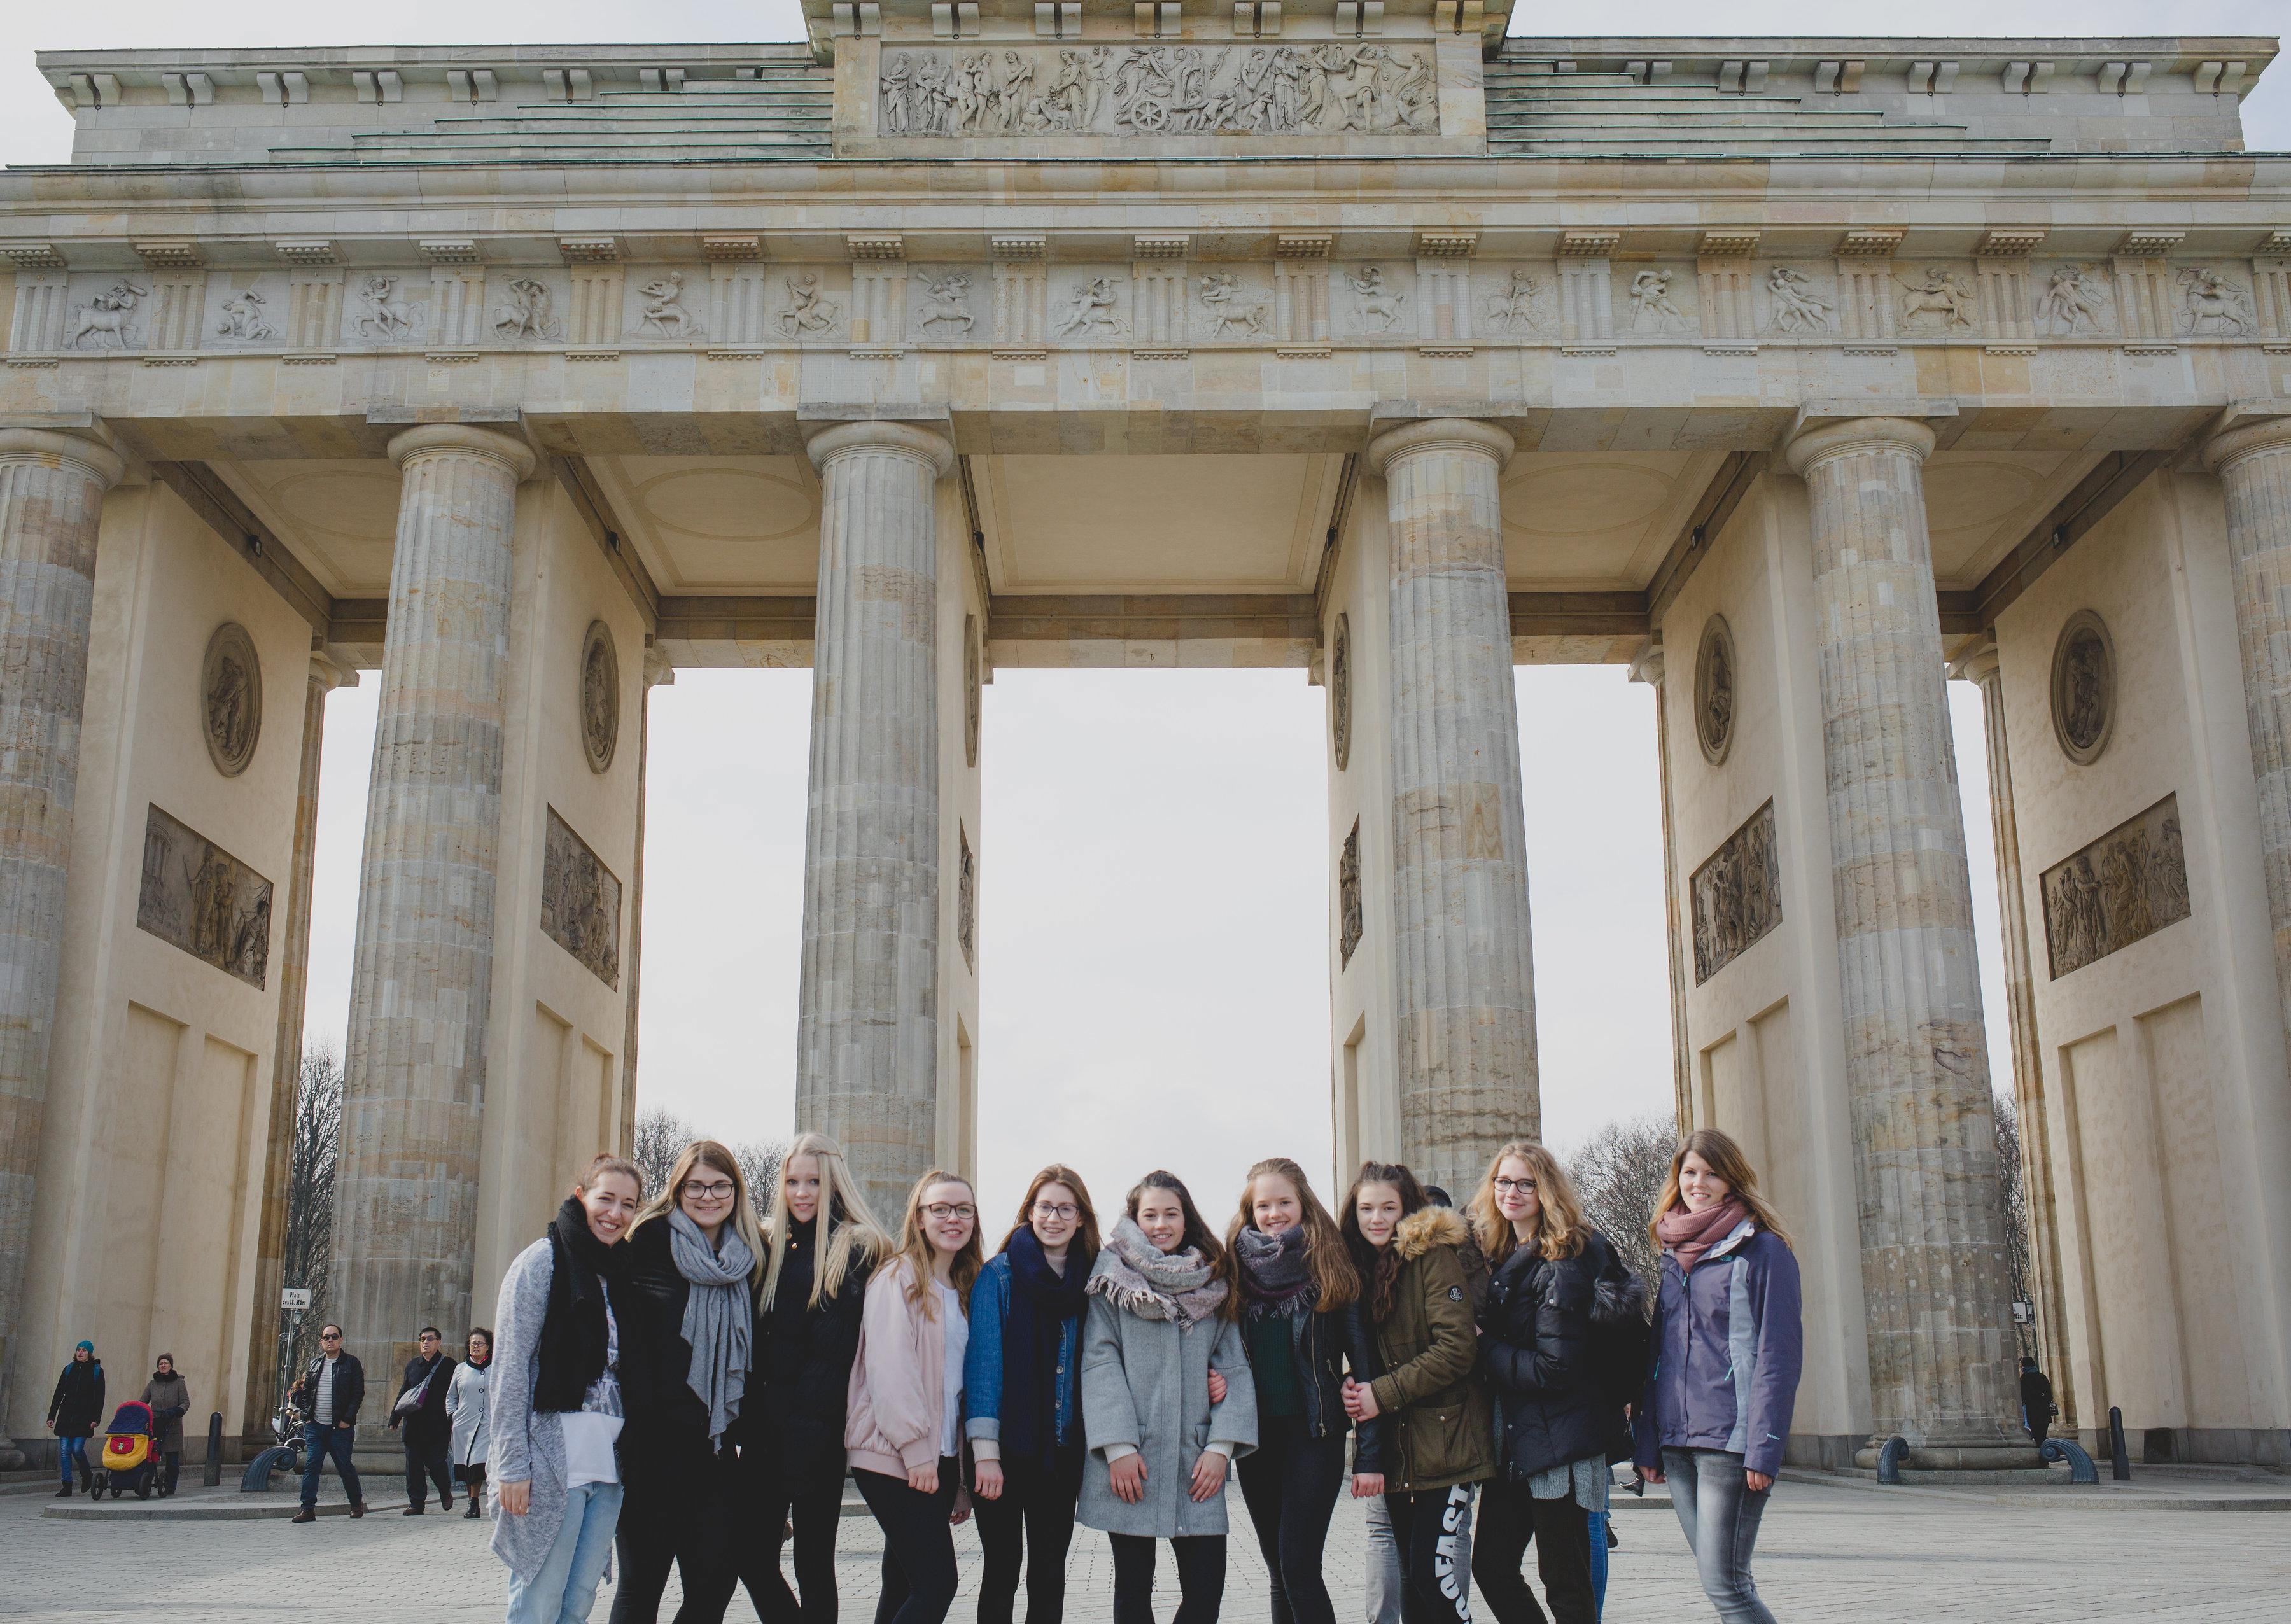 CS_juzelohr-berlin-239